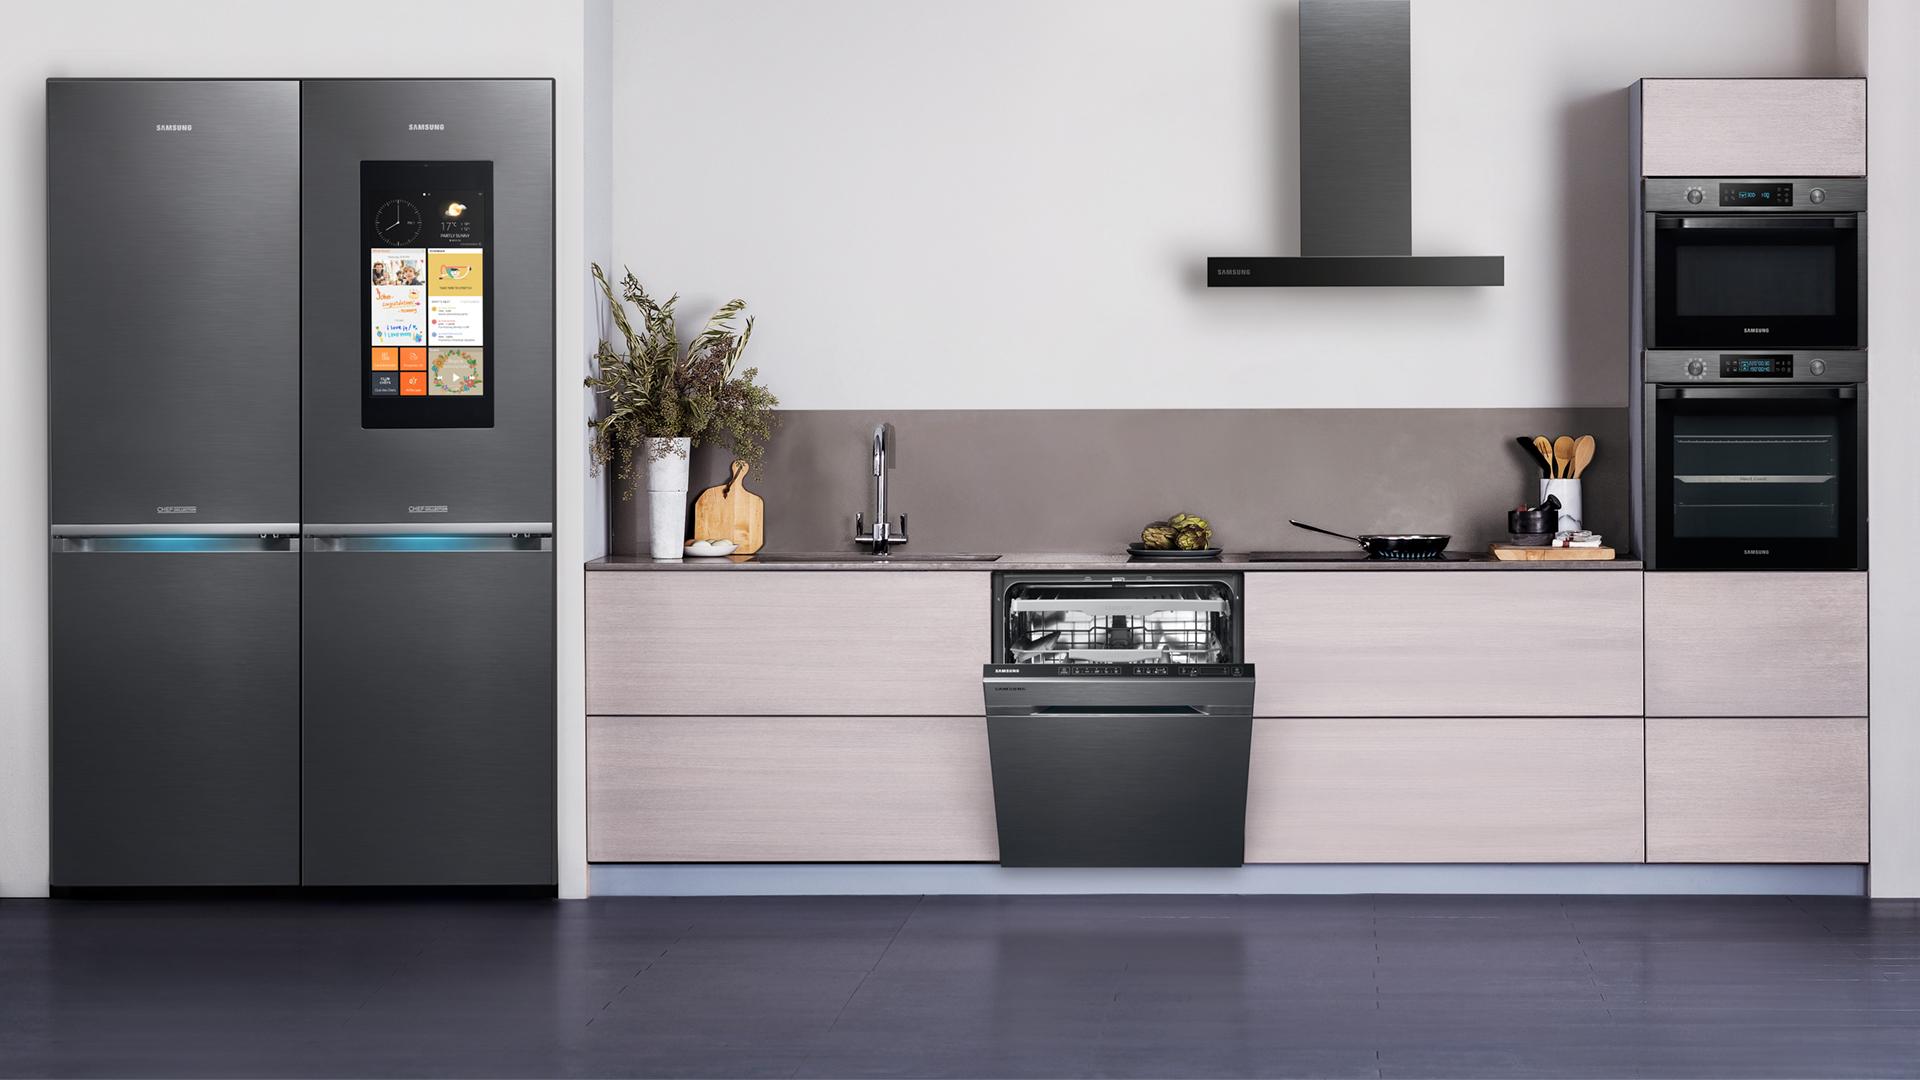 Samsung Unveils Three New Built-in Kitchen Appliance Lineups ...